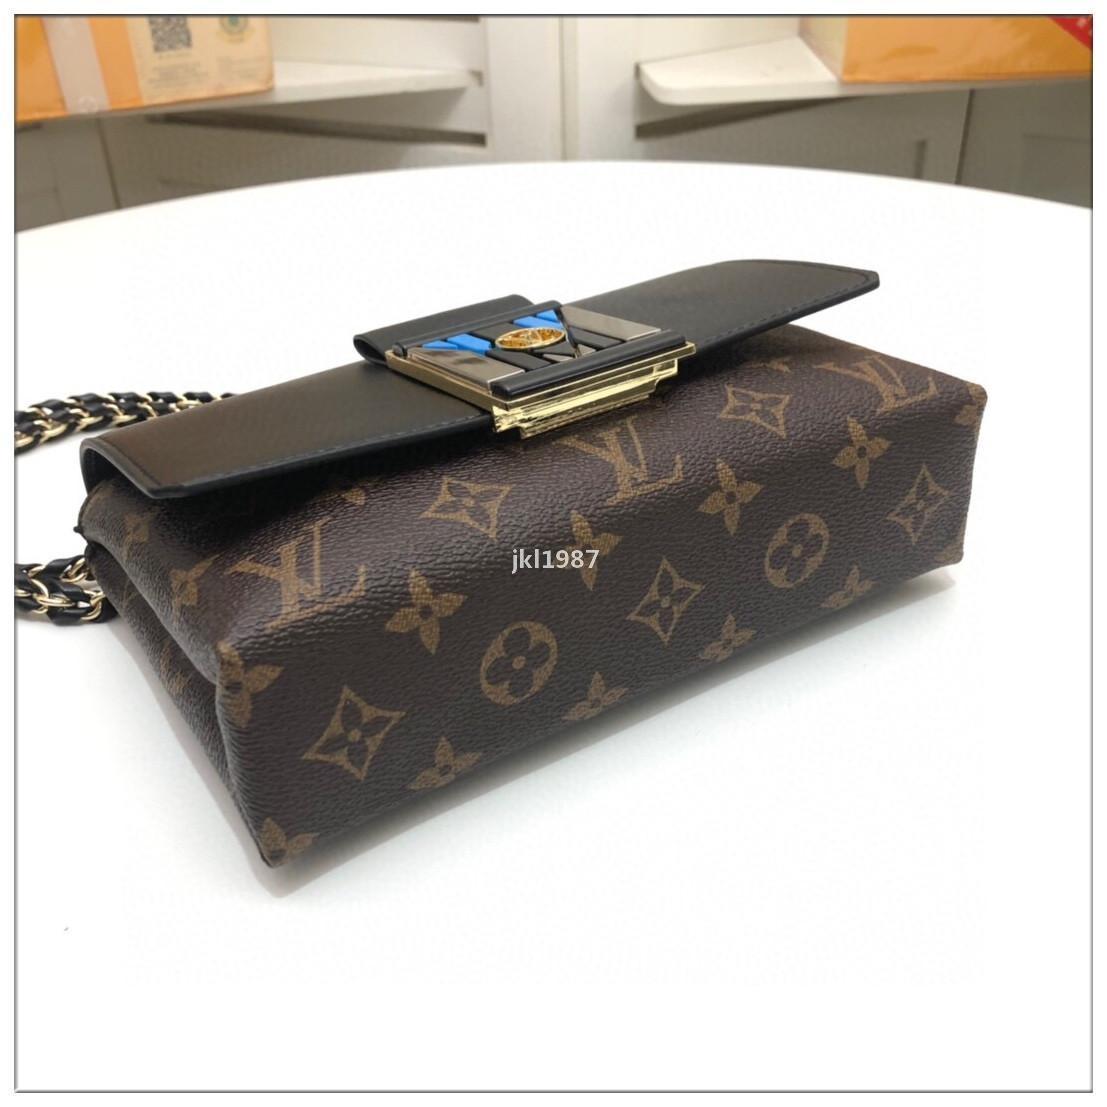 lussoprogettista J331 2020 di vendita donne calde borse del progettista di lusso in pelle di qualità PU borsa borse a tracolla crossbody messaggero catena buona